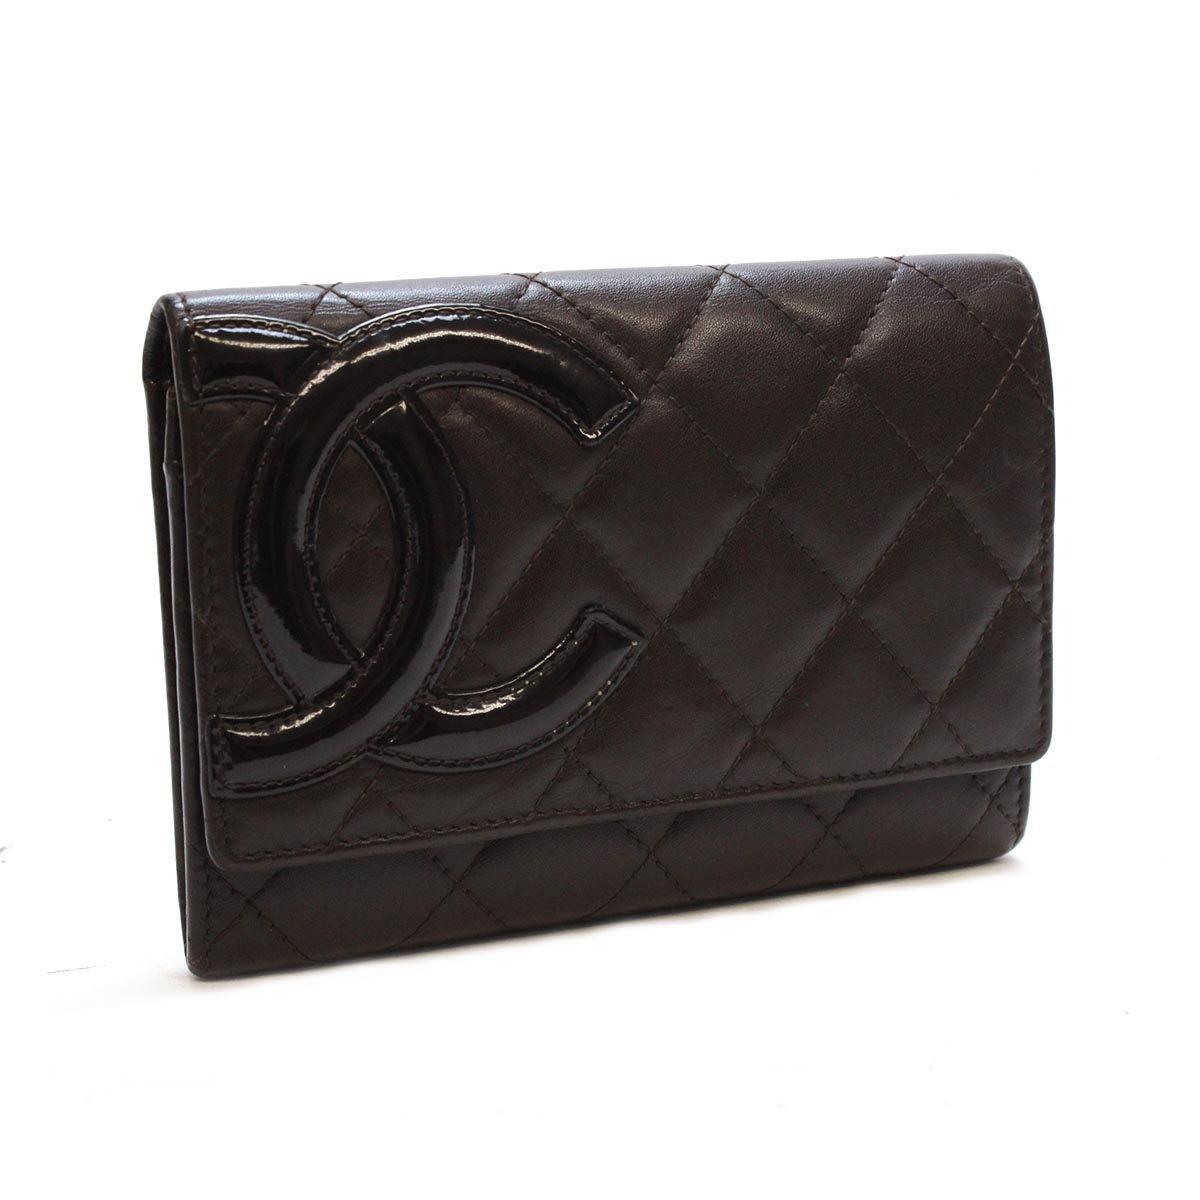 シャネル カンボンライン 中財布(ファスナー式小銭入れ付き) A26722